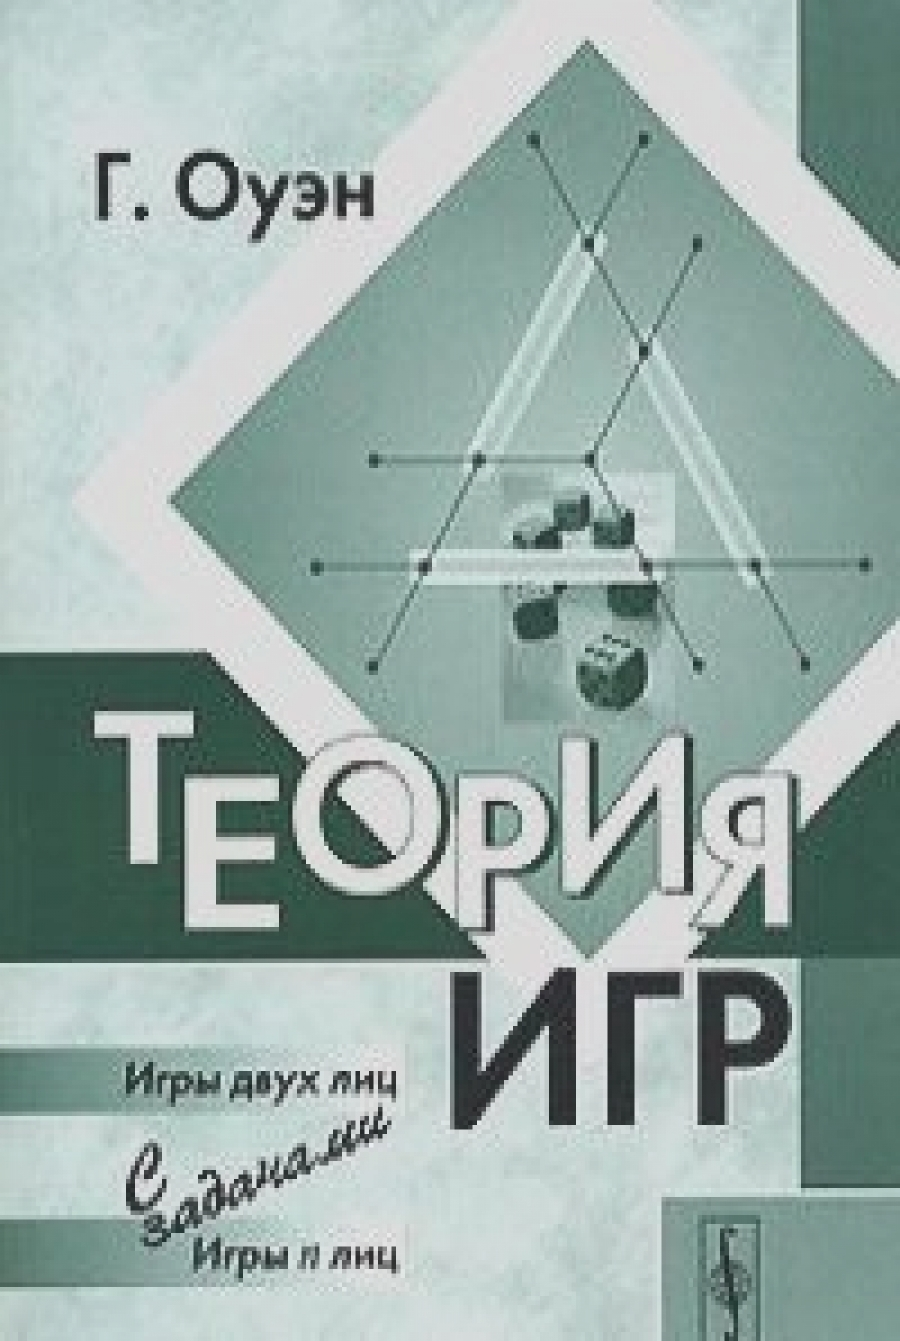 Обложка книги:  г. оуэн - теория игр